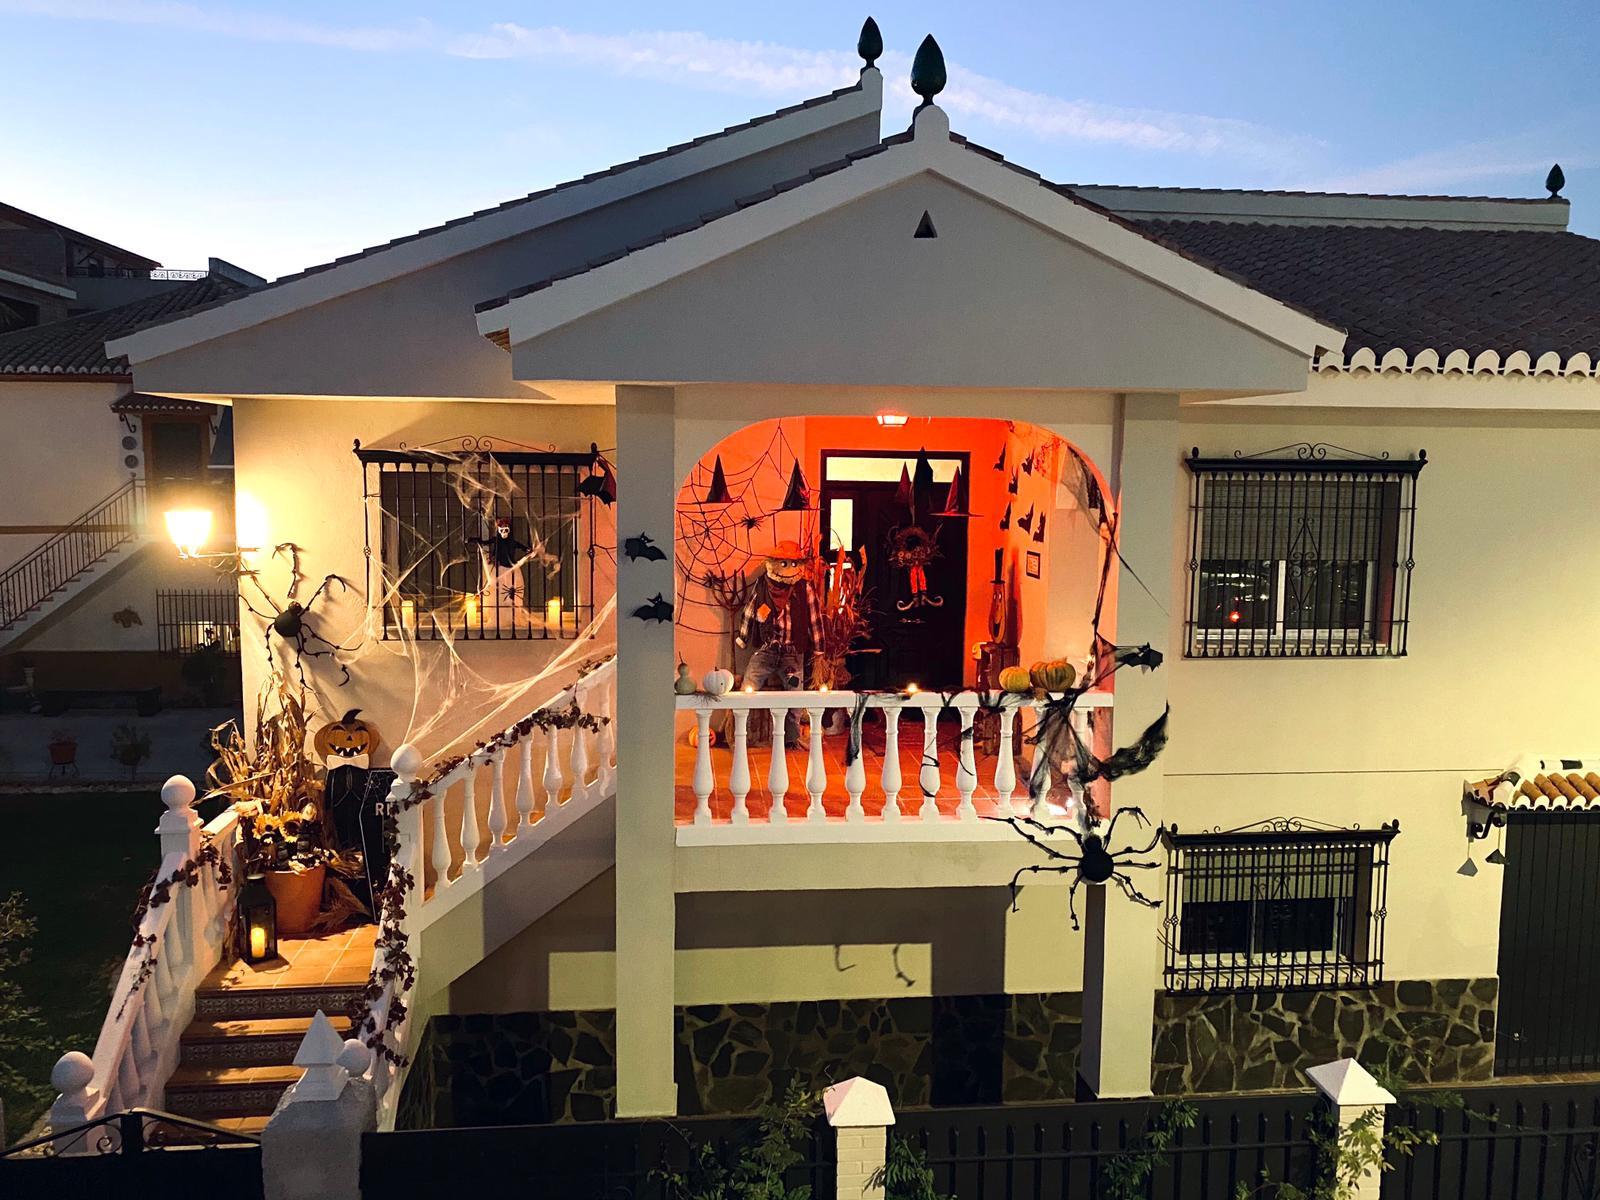 Más de 50 familias participan en el concurso de fachadas terroríficas del 'Halloween virtual' de Cúllar Vega